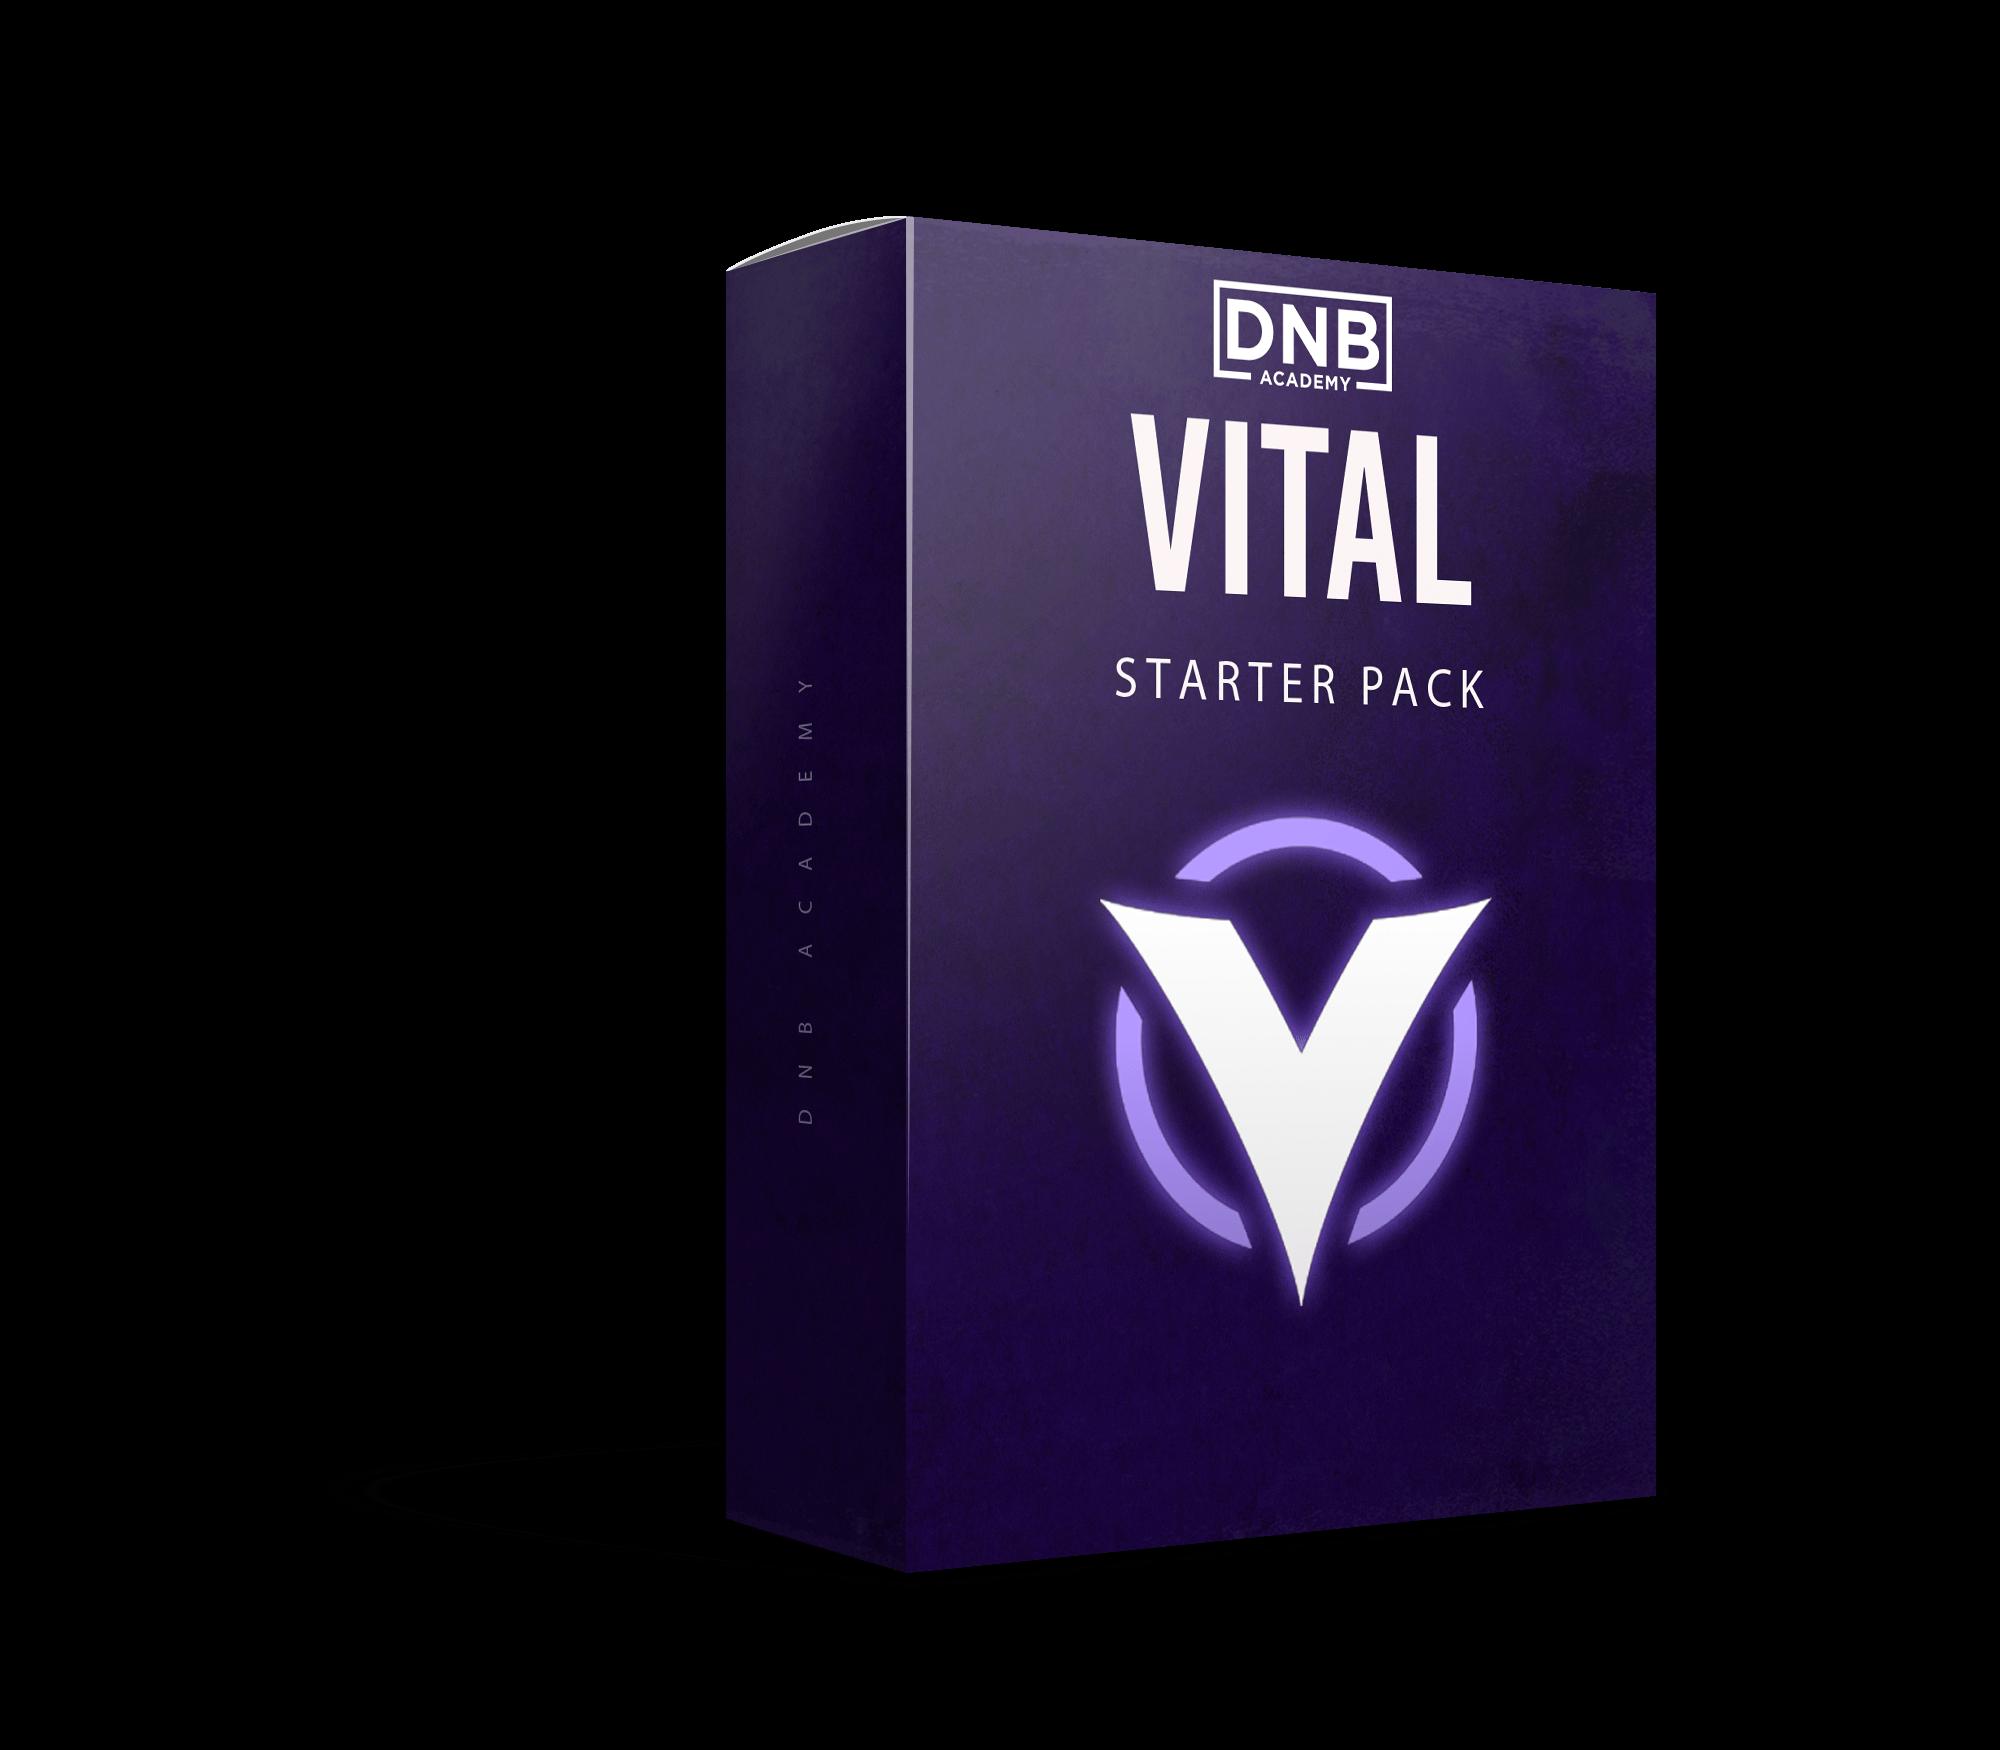 dnb vital starter pack